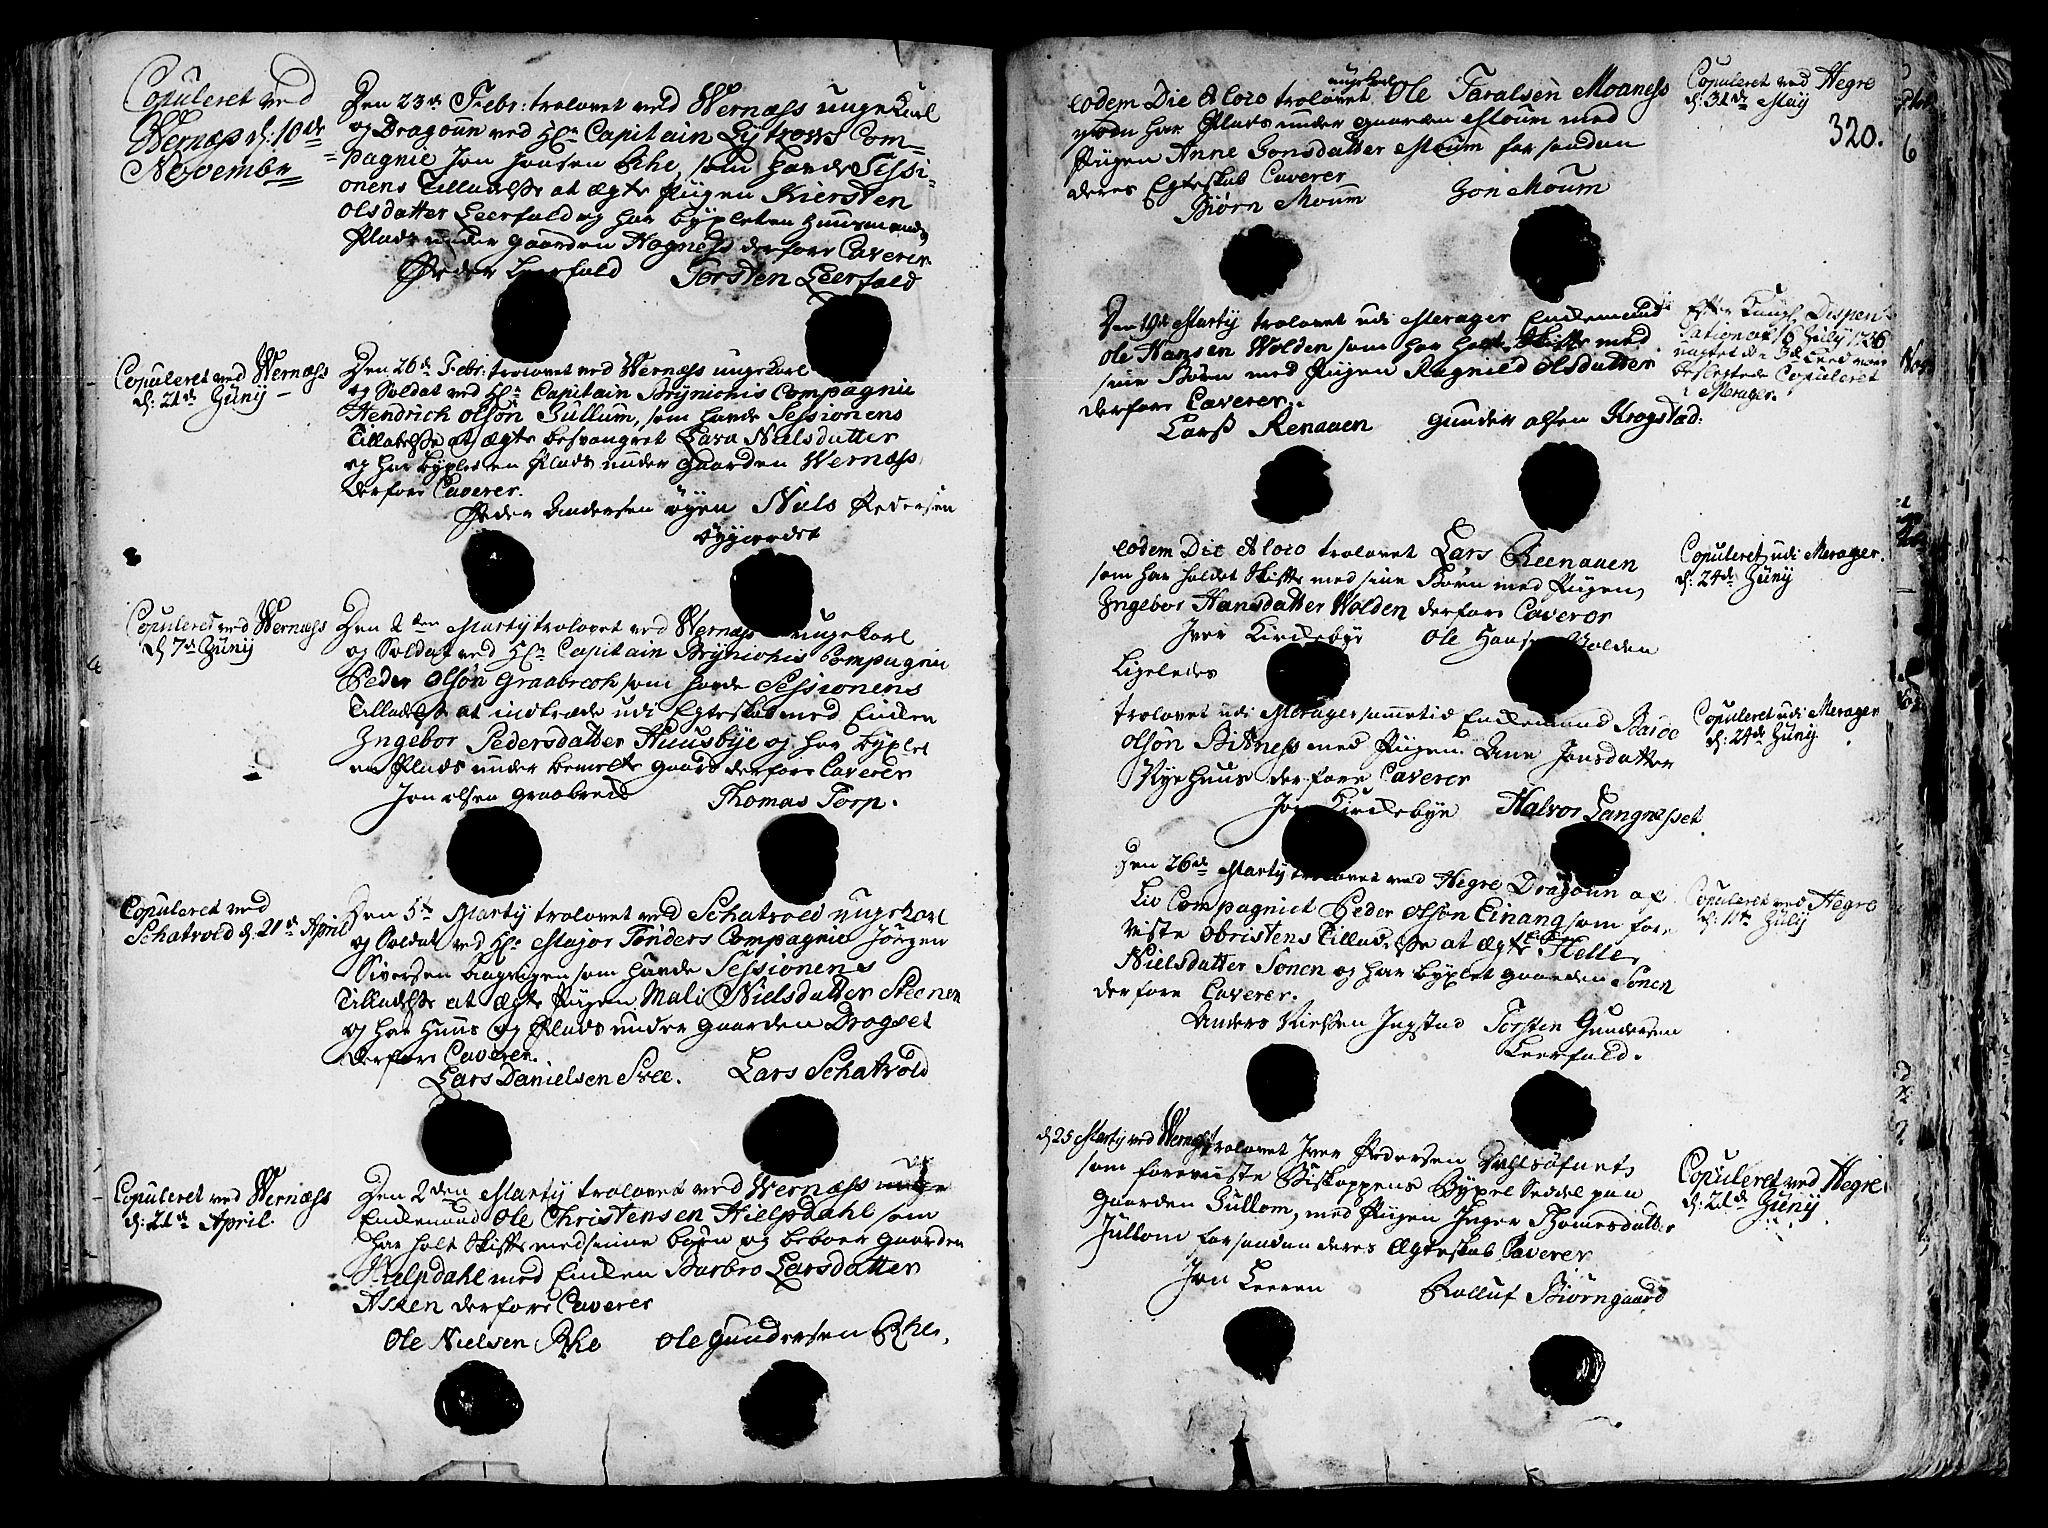 SAT, Ministerialprotokoller, klokkerbøker og fødselsregistre - Nord-Trøndelag, 709/L0057: Ministerialbok nr. 709A05, 1755-1780, s. 320